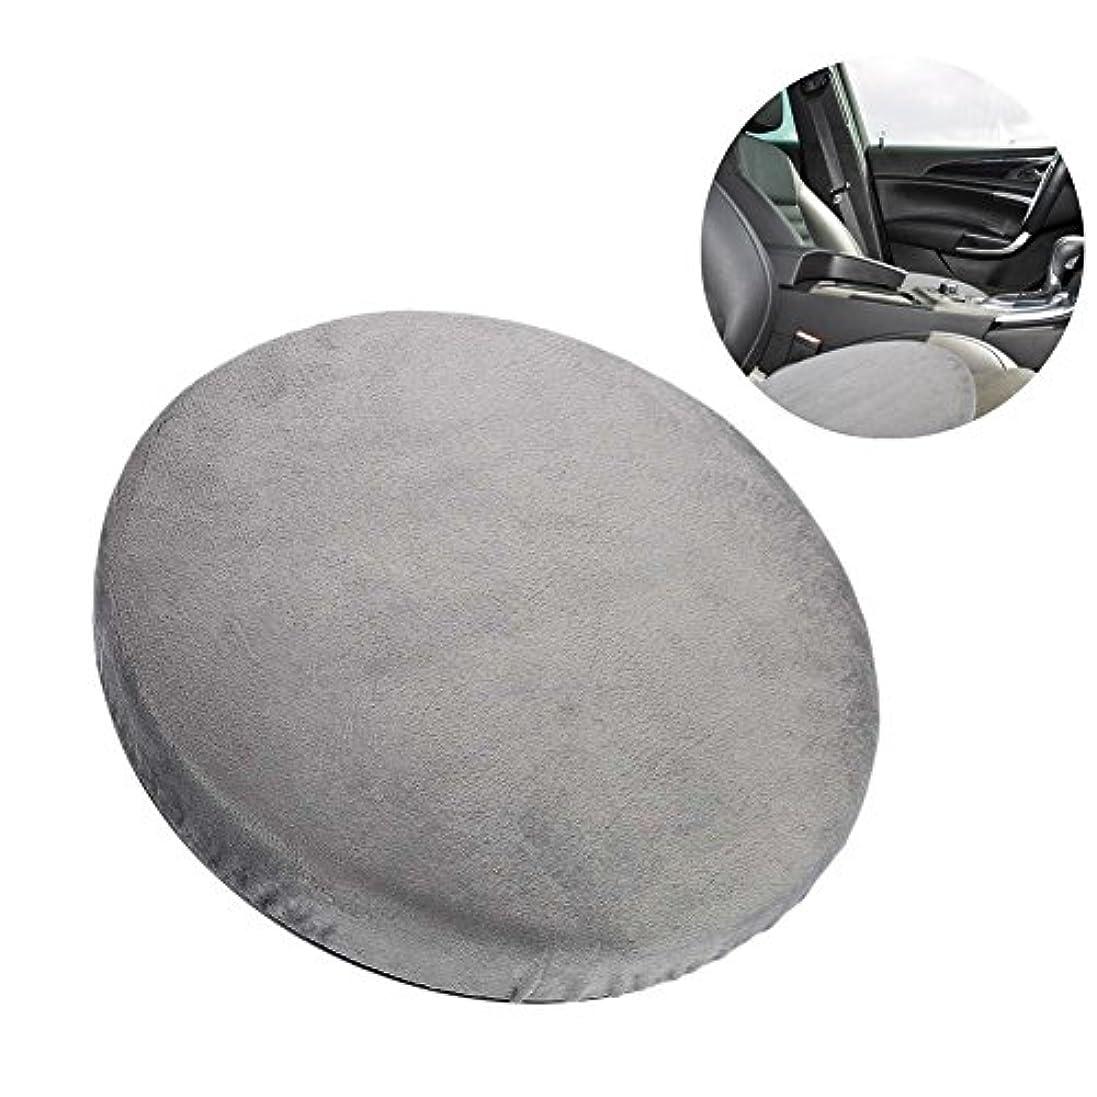 倉庫エステートユダヤ人の座席クッション、360°回転クッション車のオフィスおよび家の使用のための滑り止めの回転イスのパッドは腰痛および圧力を取り除く